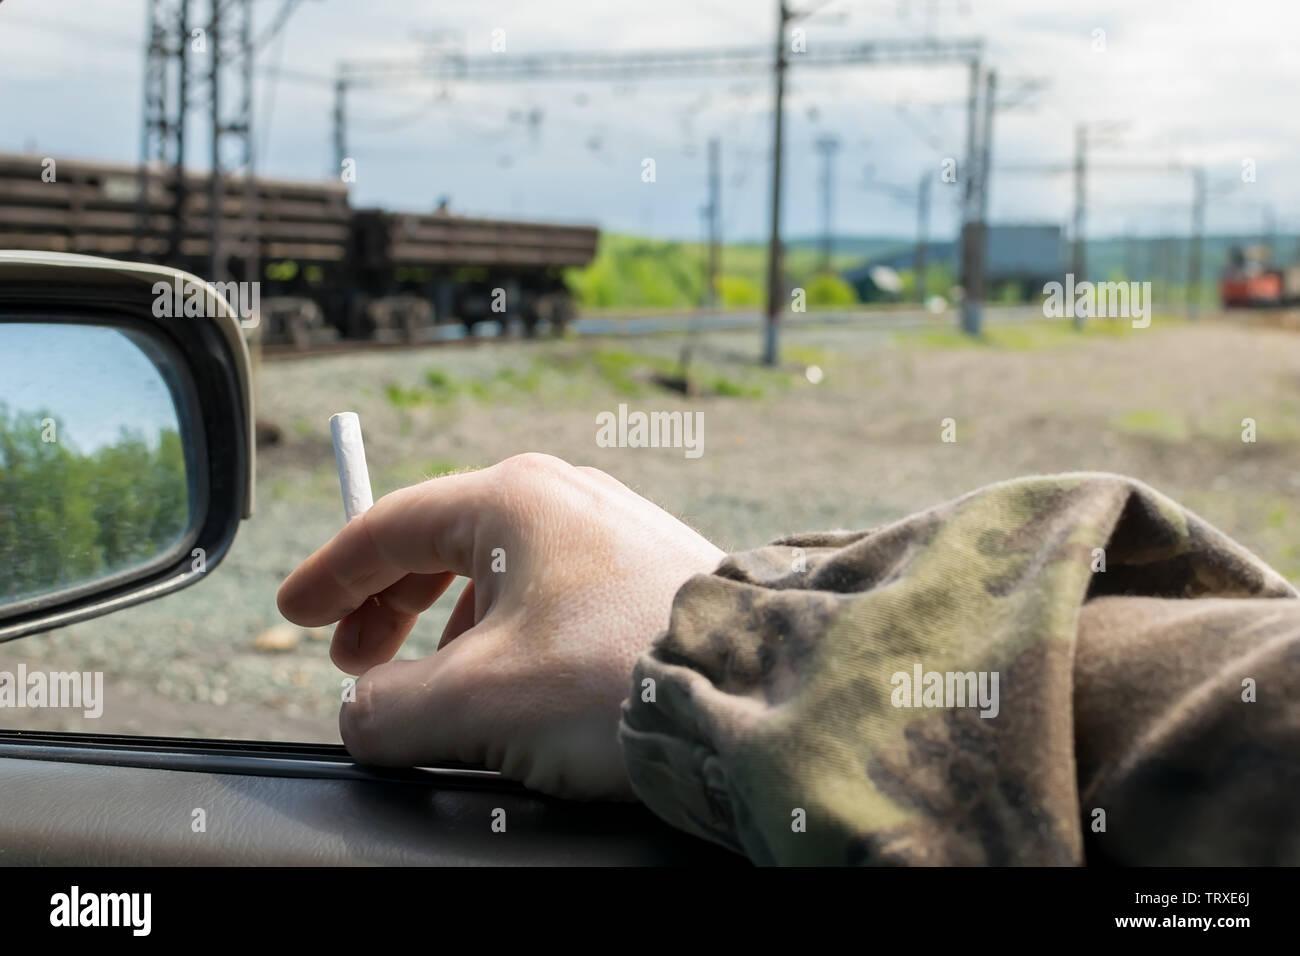 Les hommes de main, militaire, en vêtement de camouflage, tenant une cigarette tandis que dans la voiture, qui est près du passage à niveau avec des wagons de marchandises Photo Stock